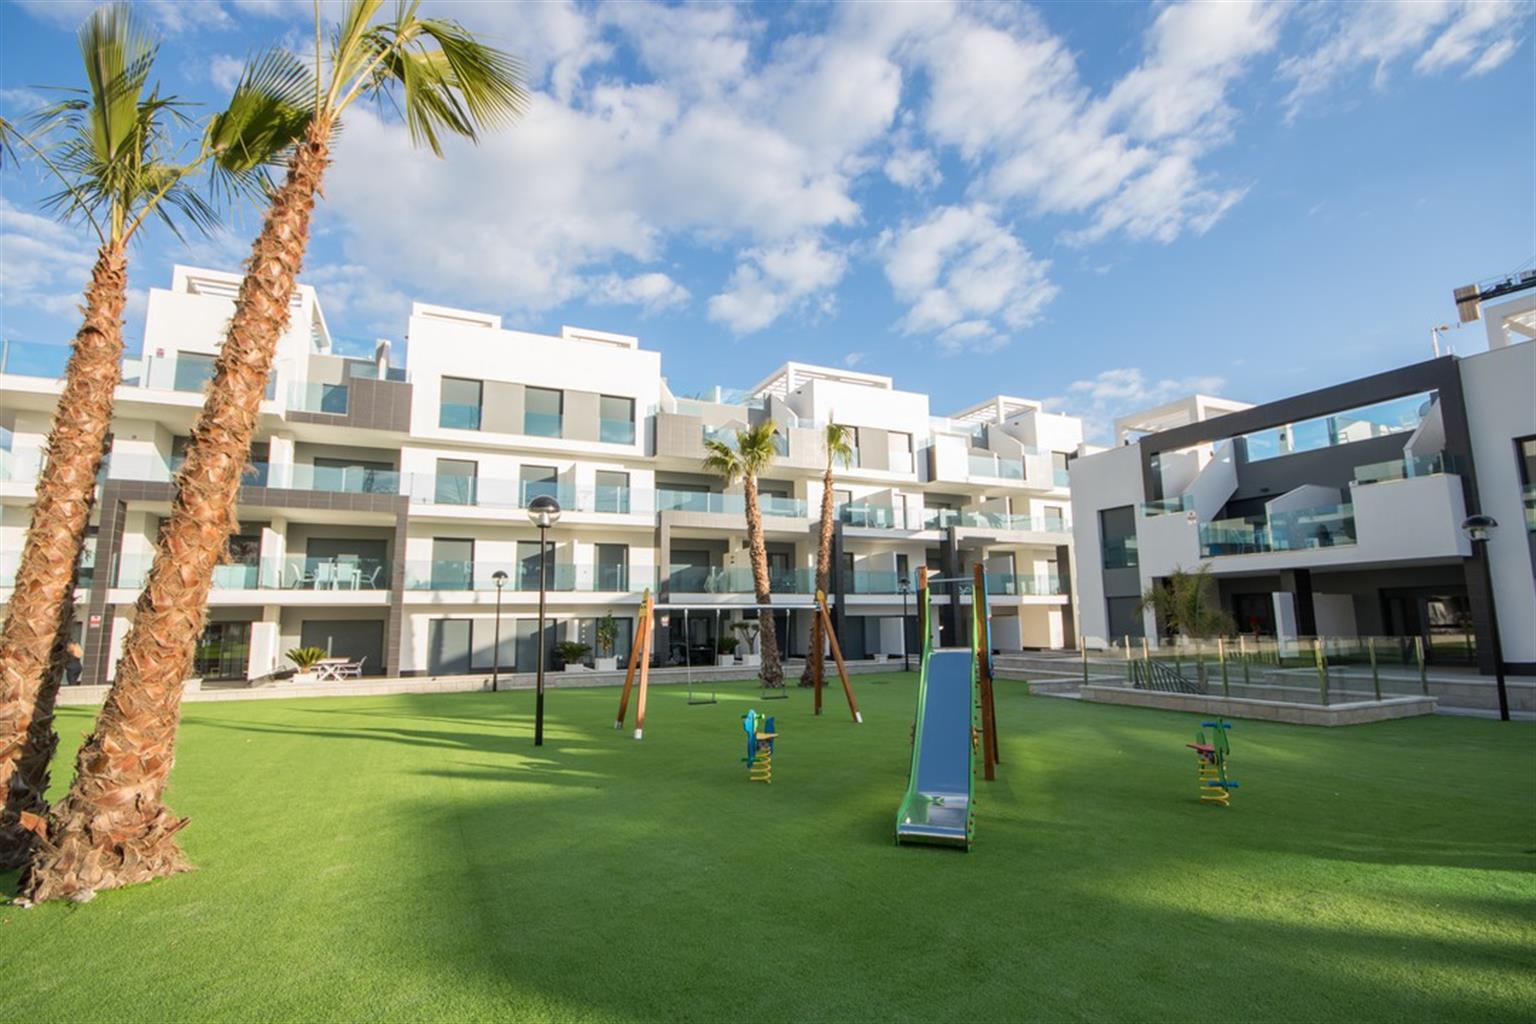 Appartement - El Raso  - #4230271-42